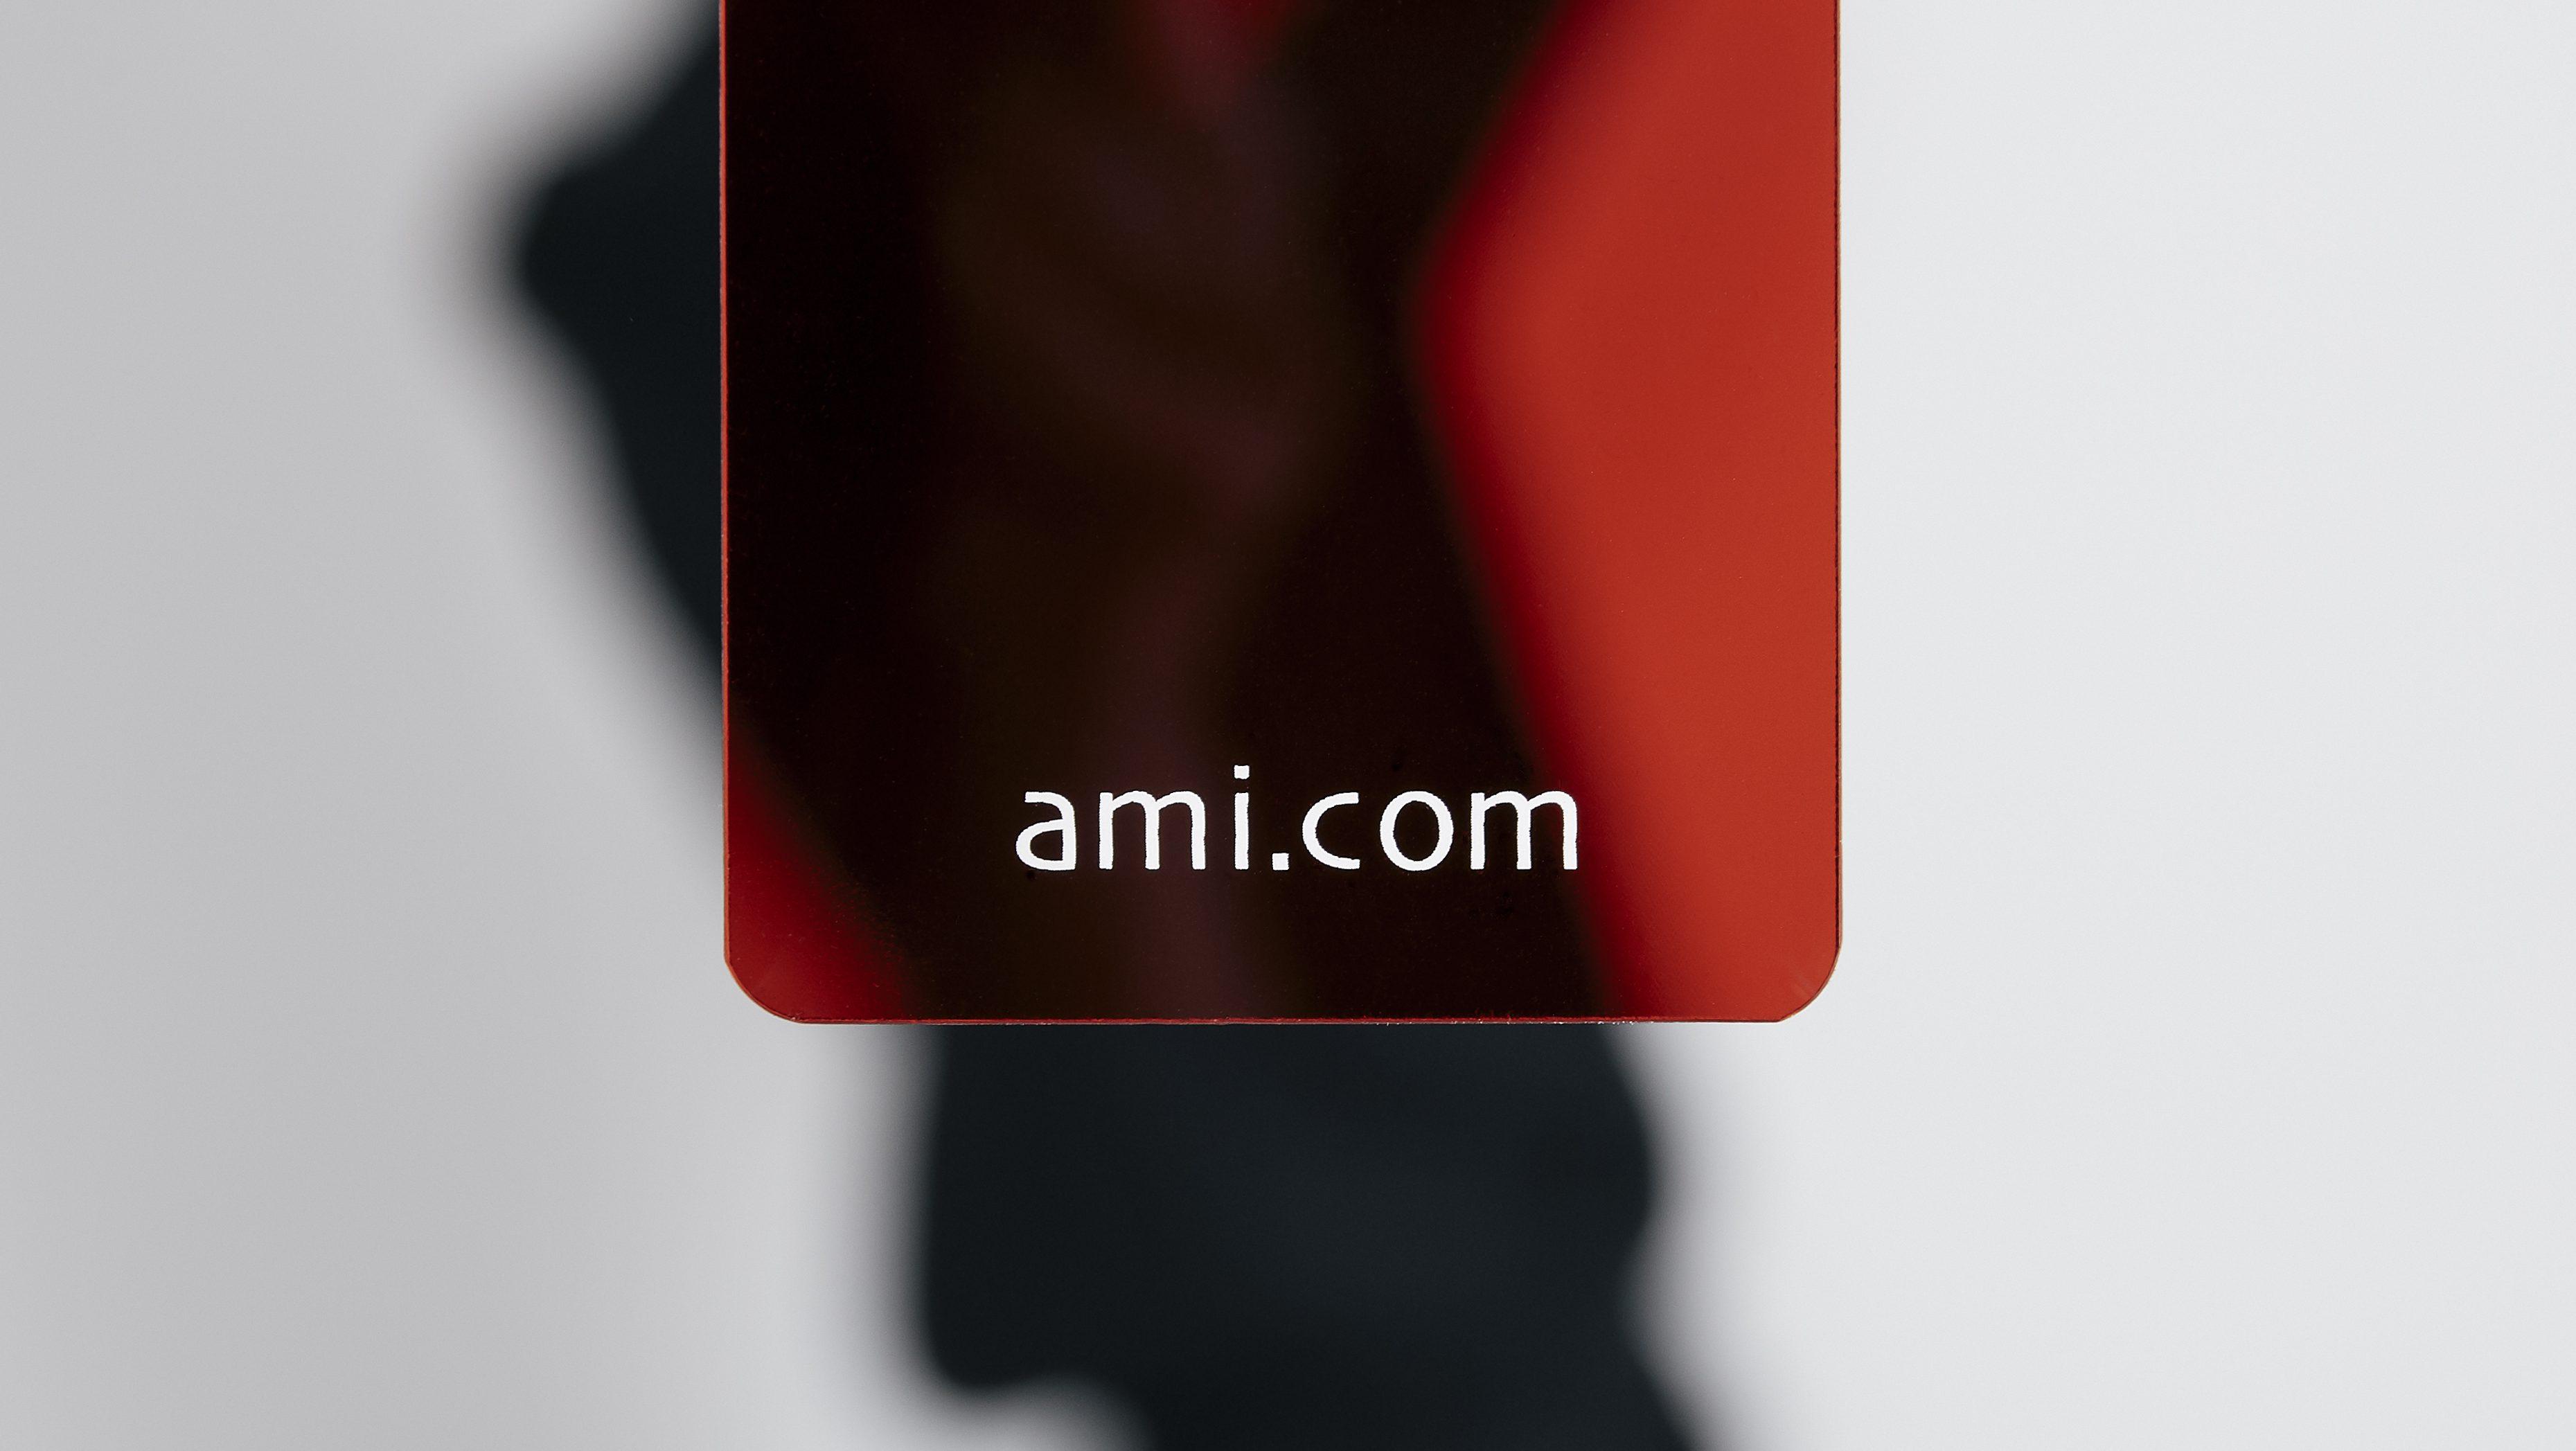 ami.com 2020SS UNISEX展示会 2019年9月4日(水)~9月6日(金)